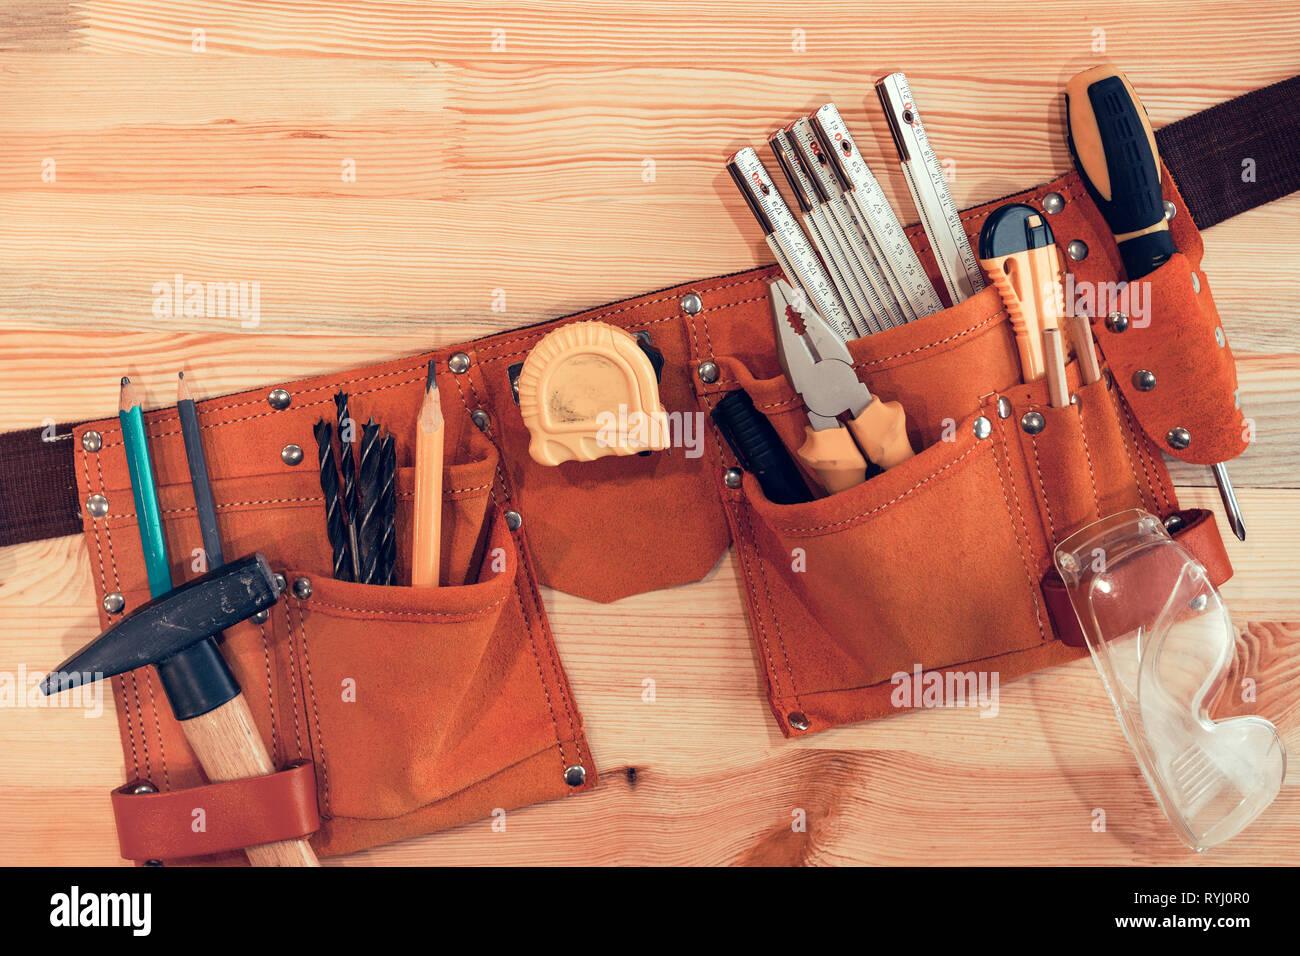 Organizado manitas cinturón de herramientas de escritorio Foto de stock